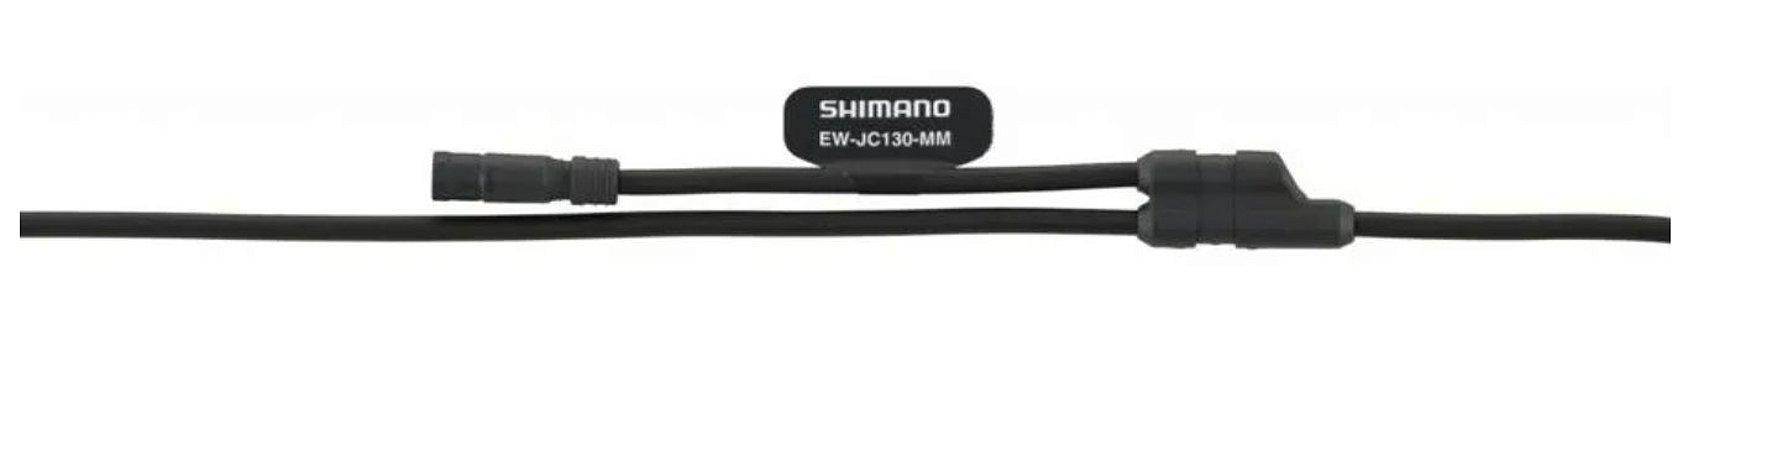 JUNÇÃO SHIMANO EW-JC130 350X50X450MM - PRETO